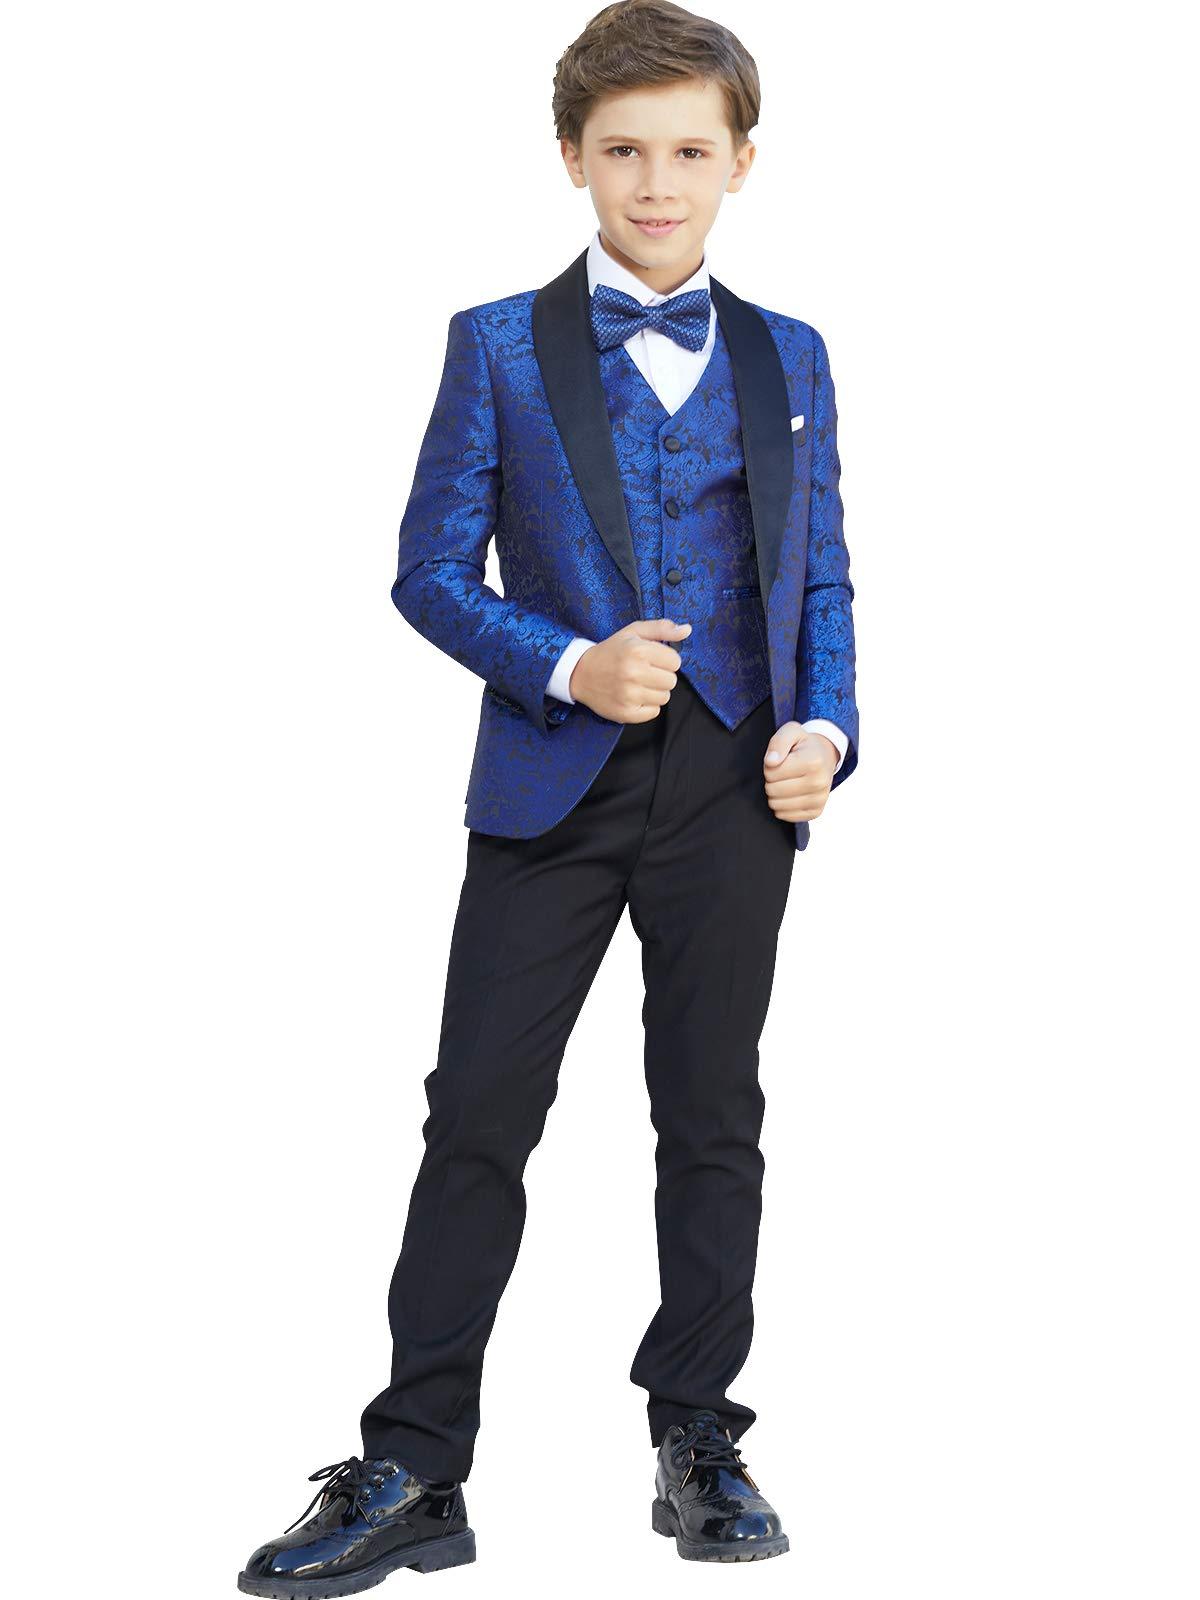 Boys Suits Slim Fit Kids Jacquard Suits Boy's Royal Blue Formal Dress Suit Set 2-20